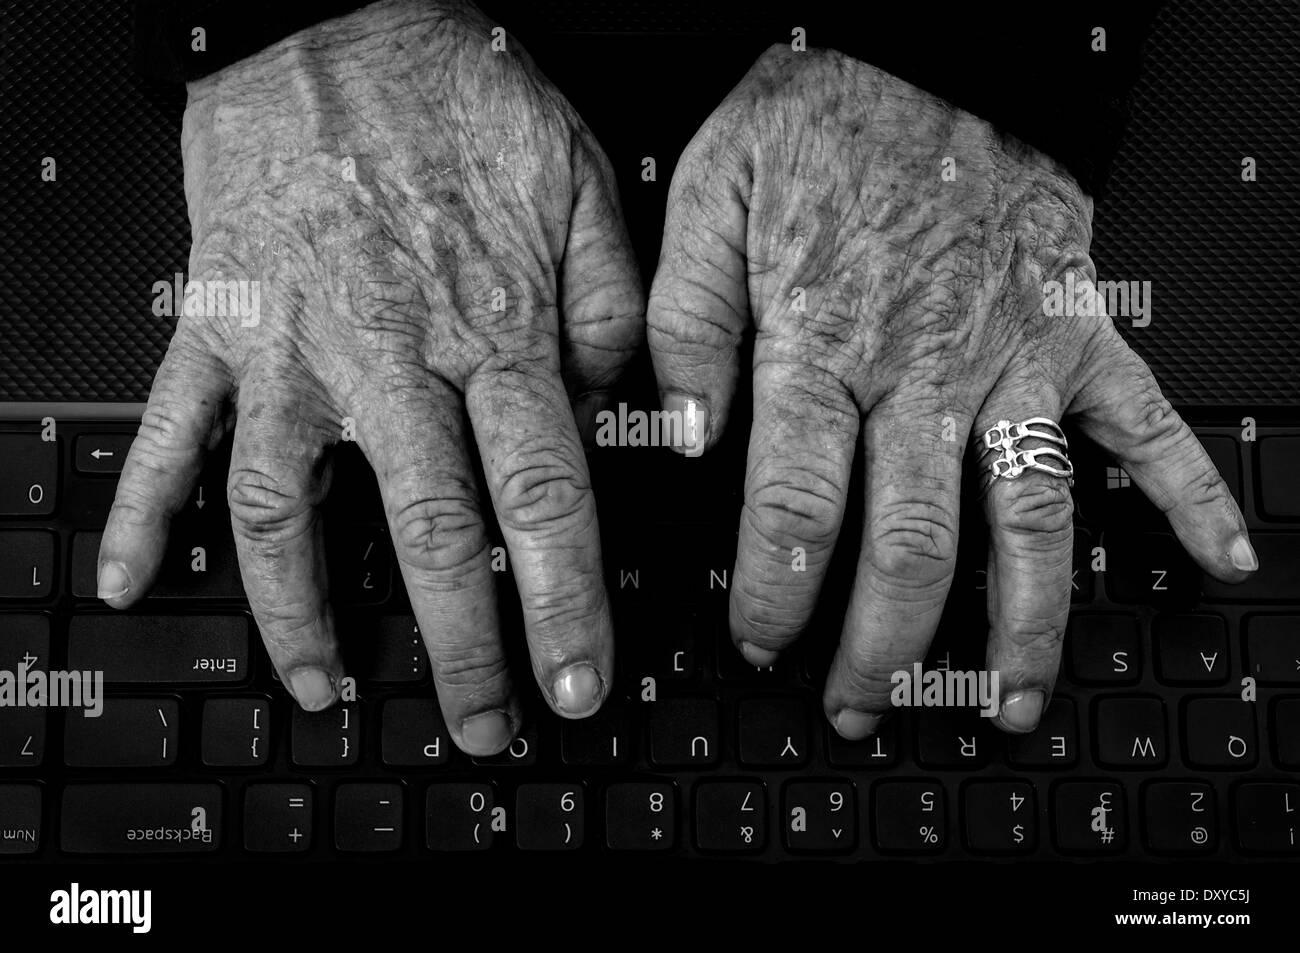 Nahaufnahme des alten Frauenhand mit Arthritis auf Computer-Tastatur in schwarz und weiß Stockbild